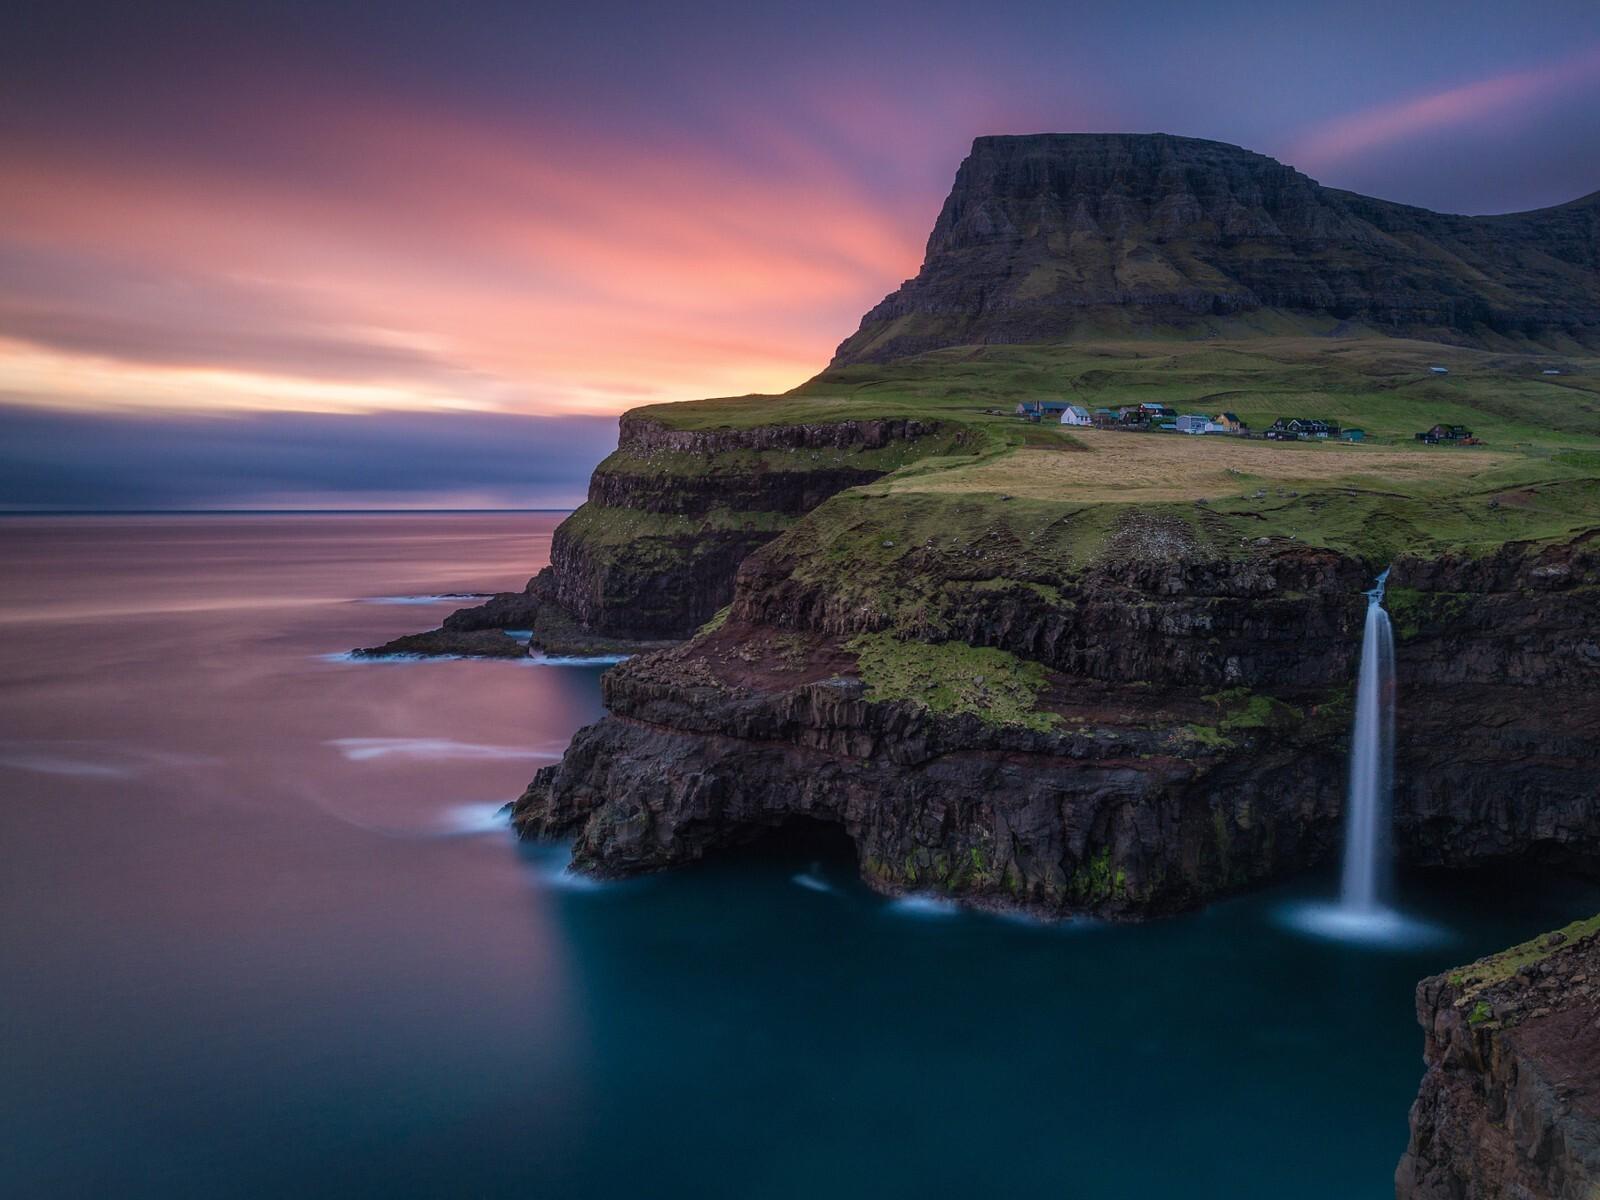 waterfall-nature-image.jpg